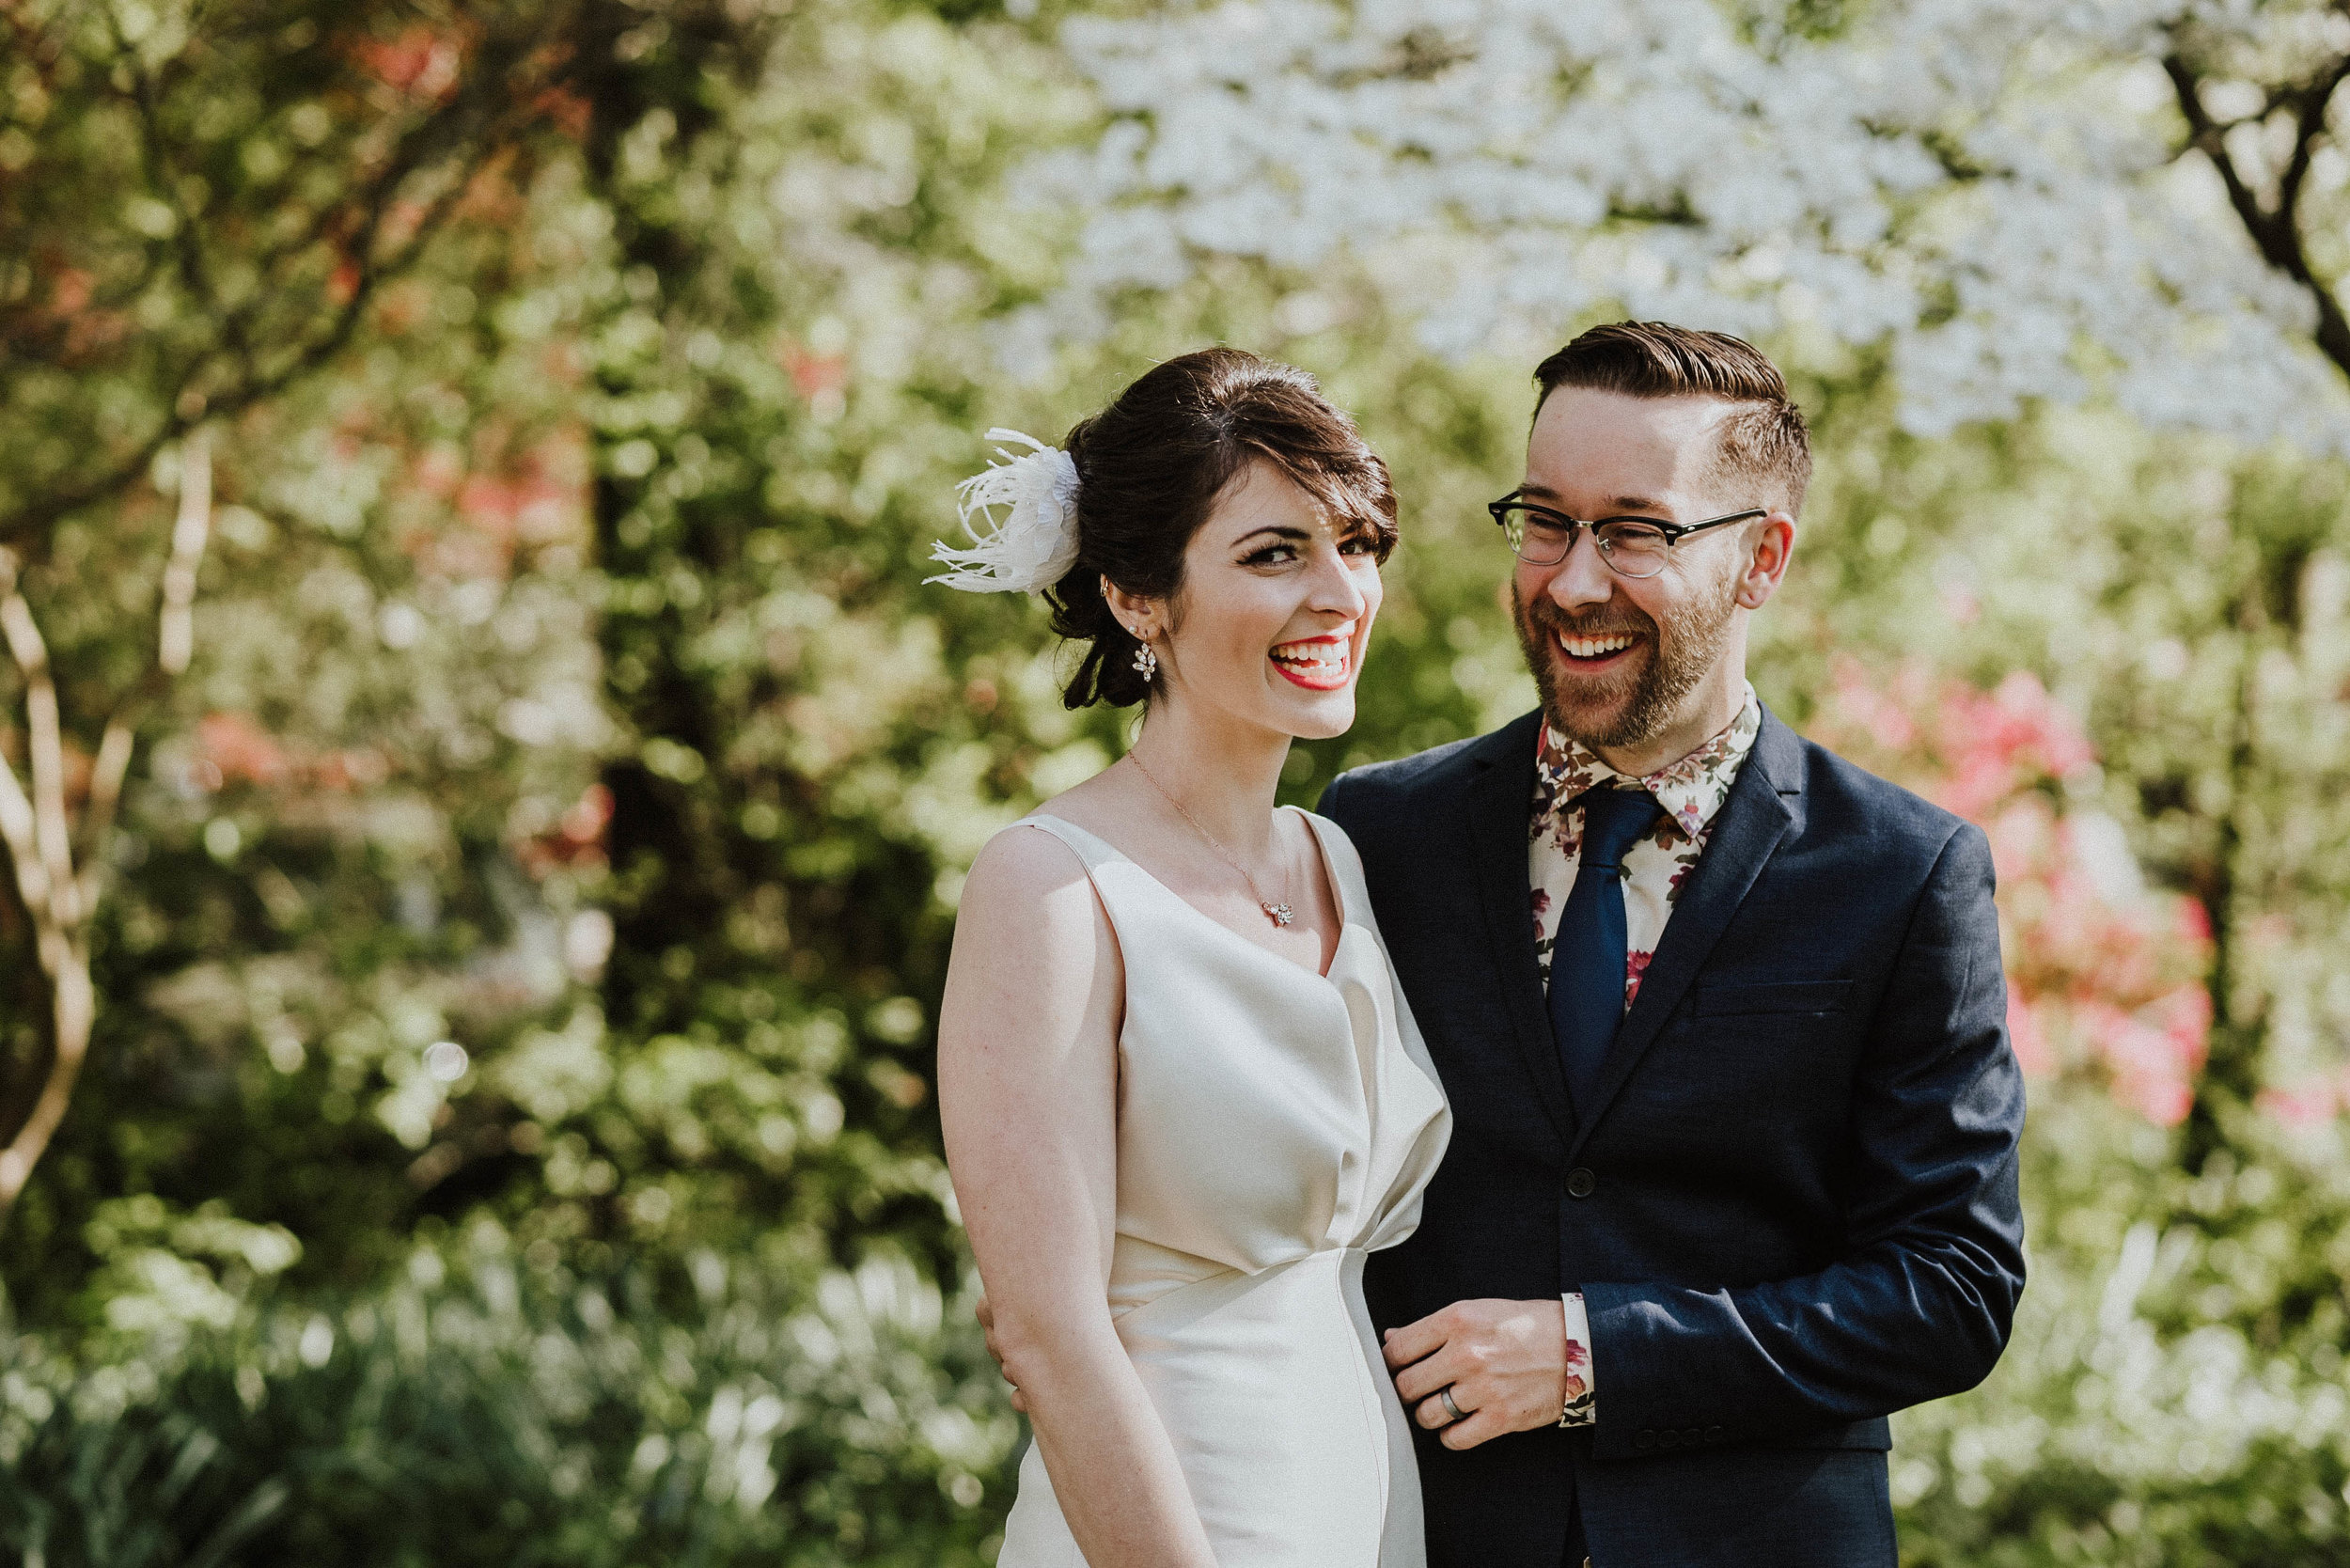 Spoken-Bride-April-2019-UPDATED-LaurentinaPhoto7.jpg